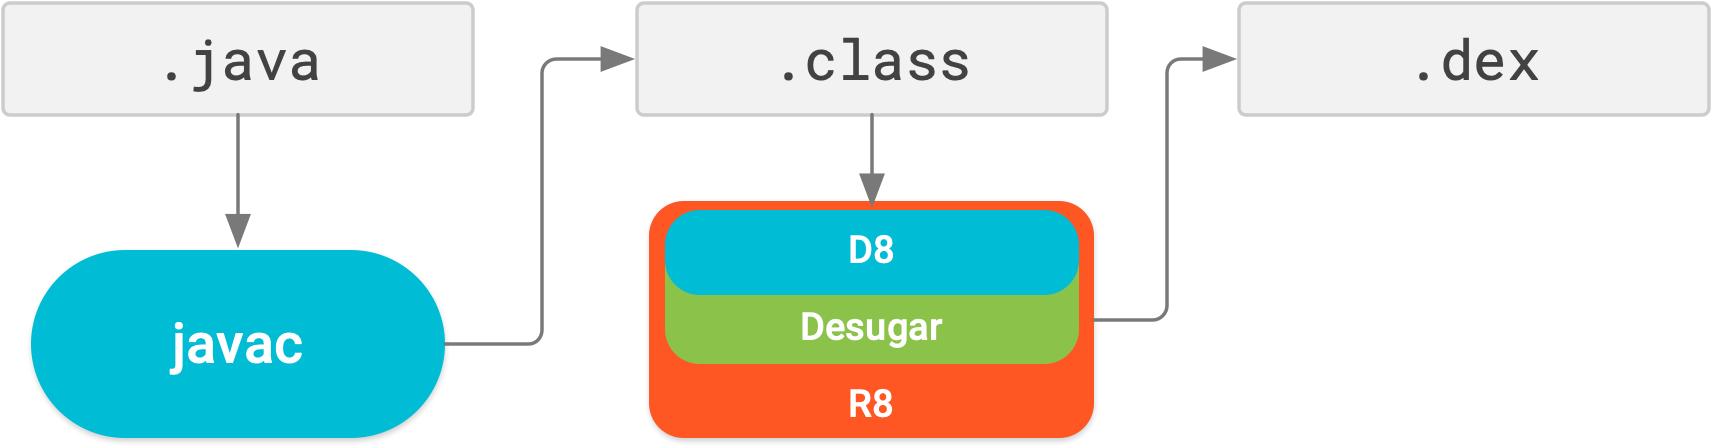 R8에서는 디슈가링, 축소, 난독화, 최적화, 덱싱이 모두 하나의 컴파일 단계에서 실행됩니다.